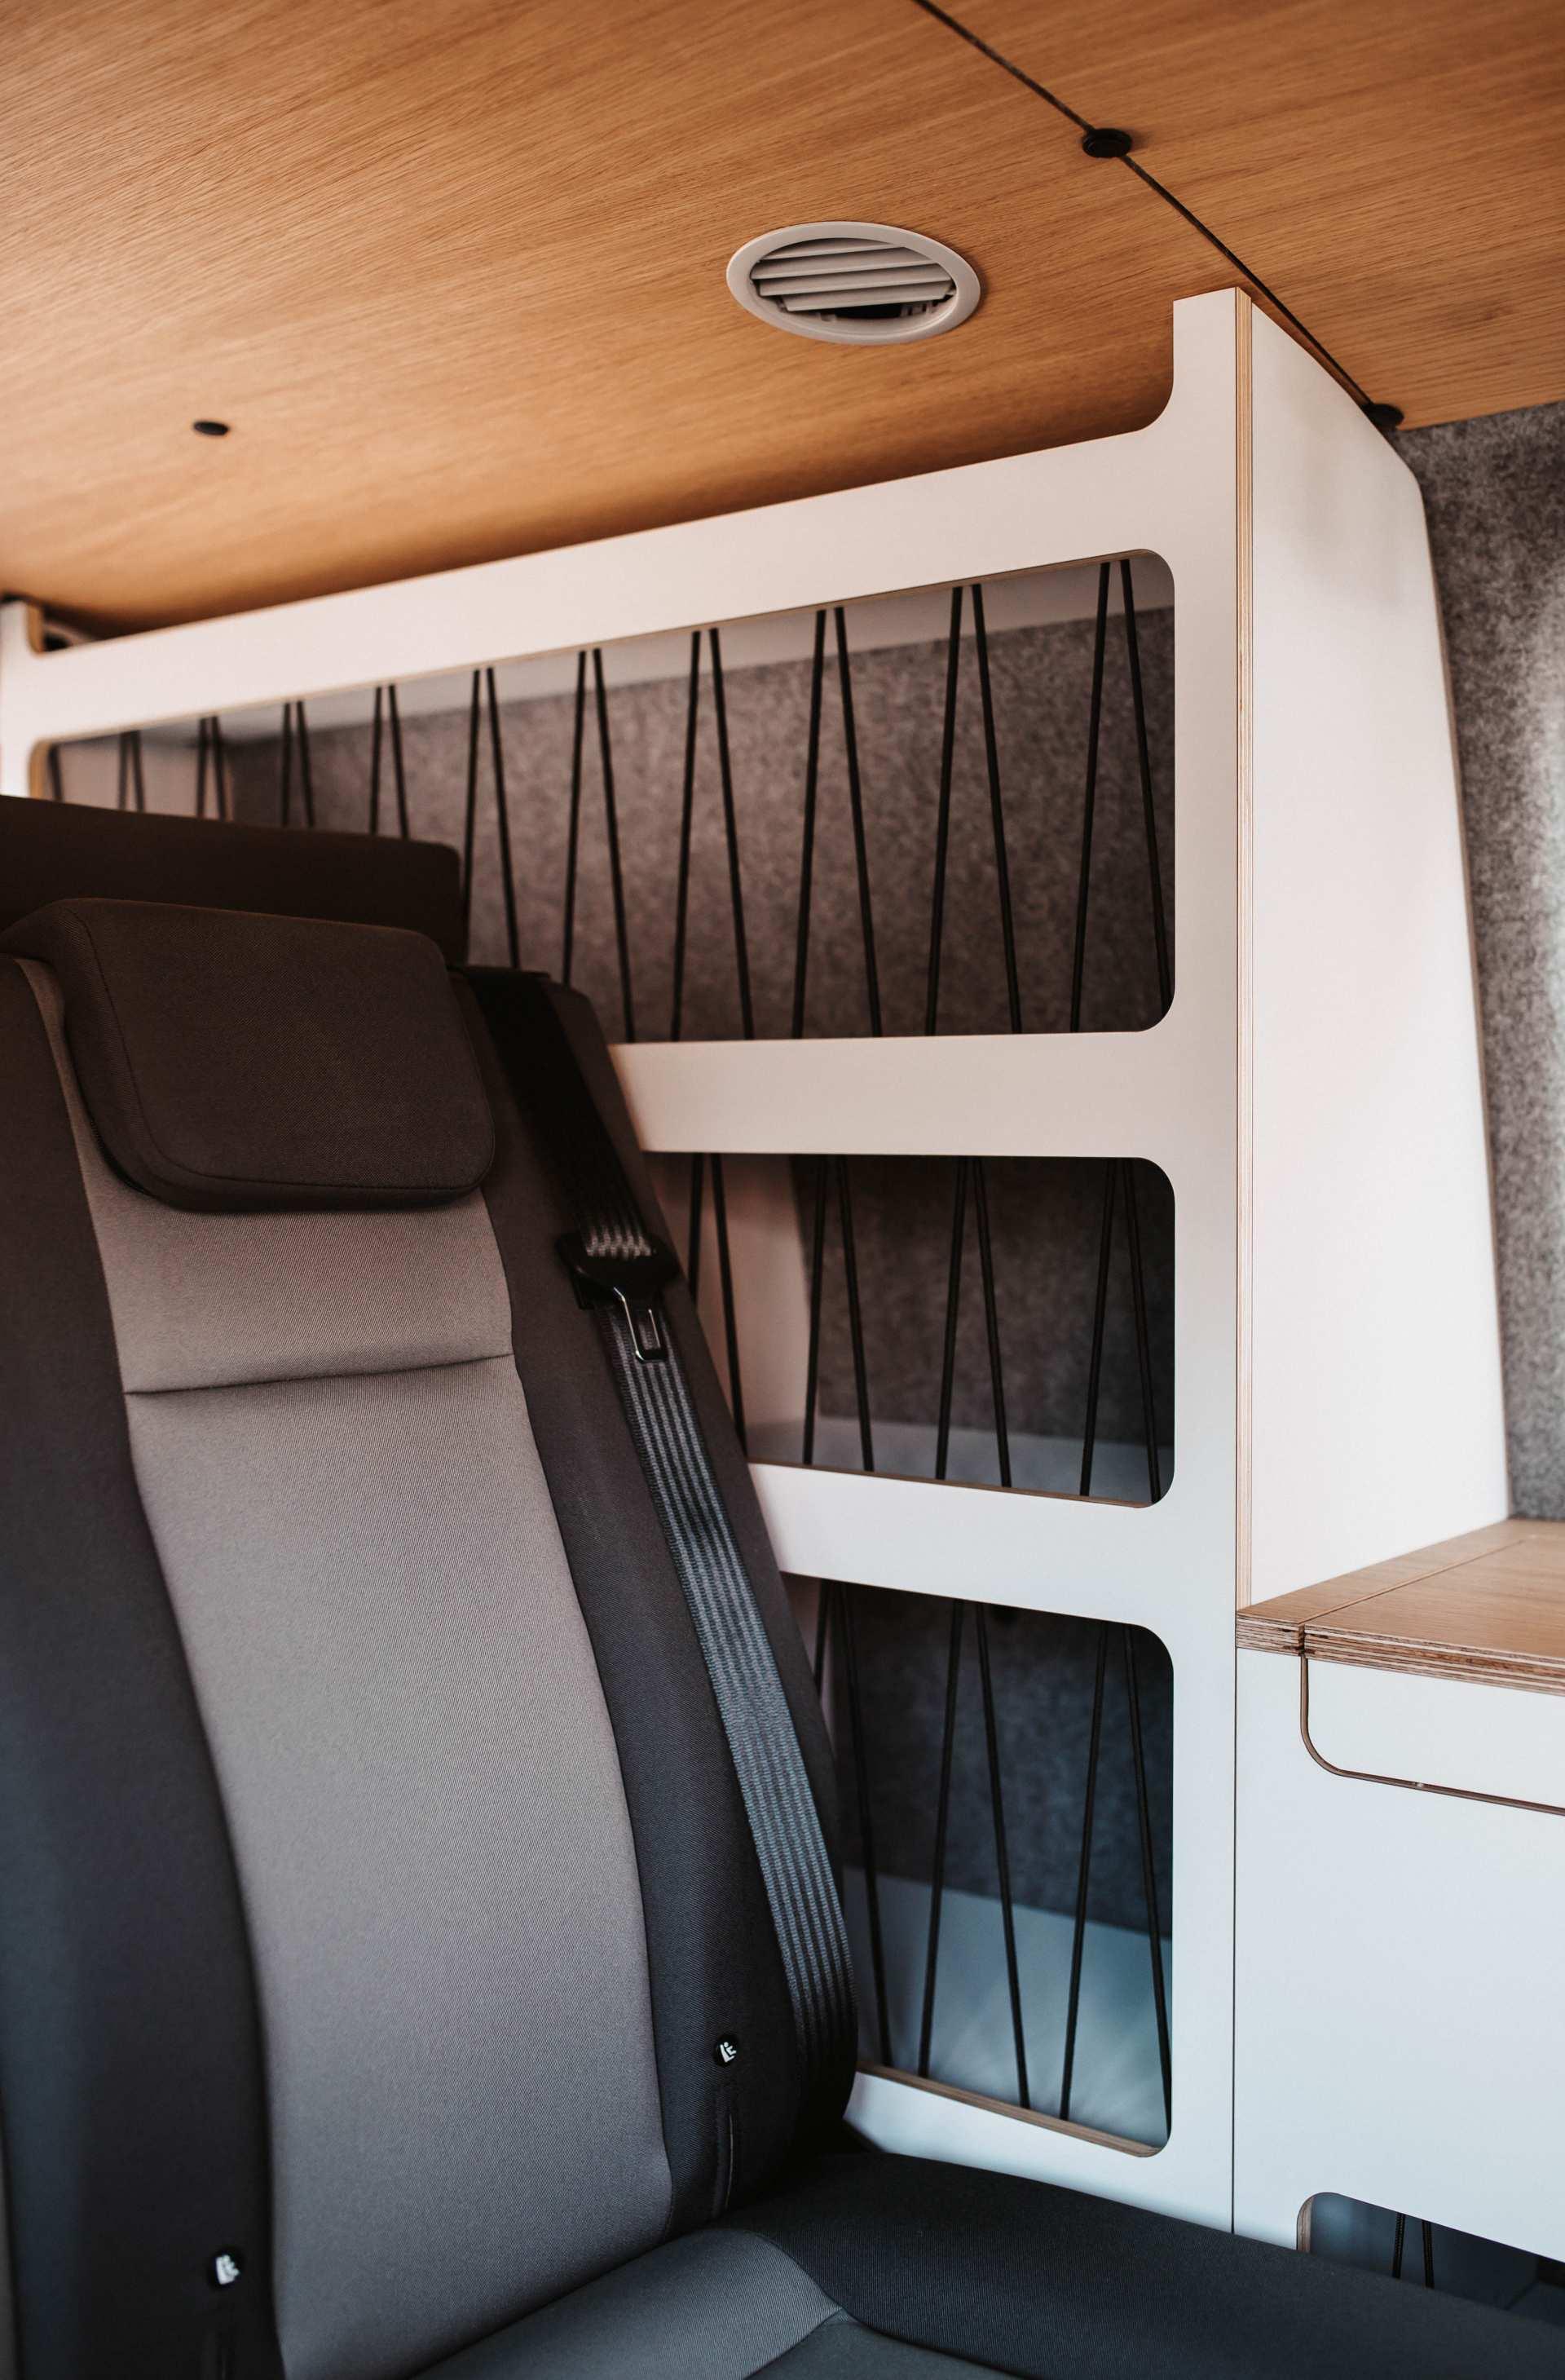 Individualausbau: VW-T6 Campervan - 1